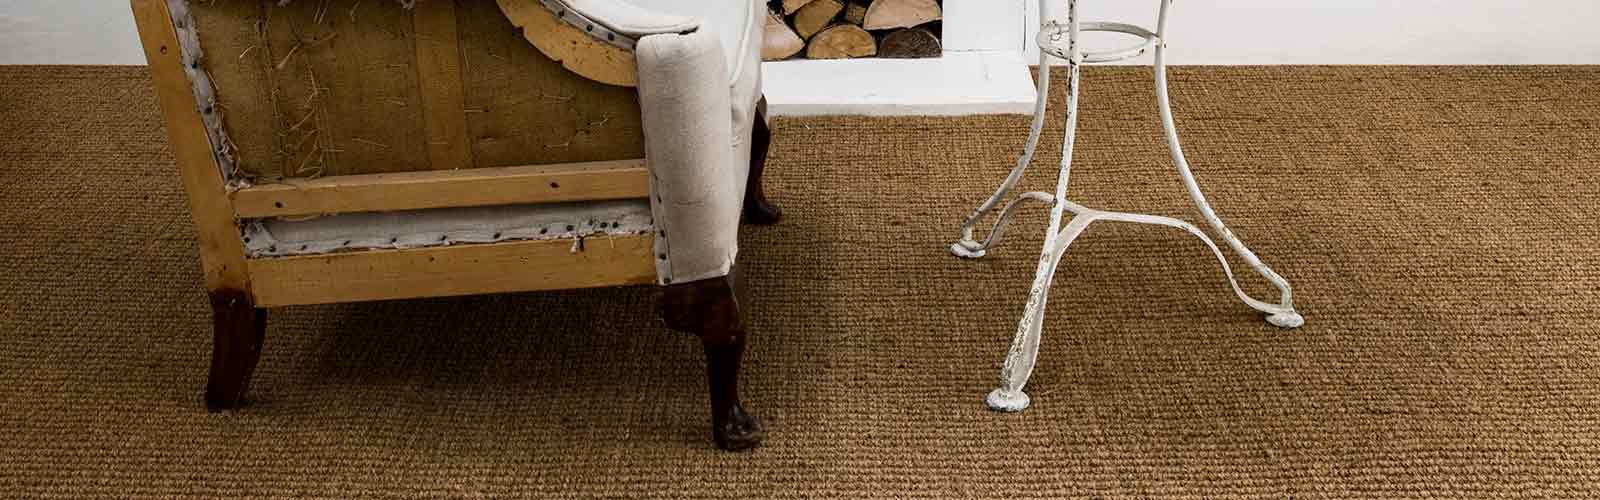 Natural coir carpet